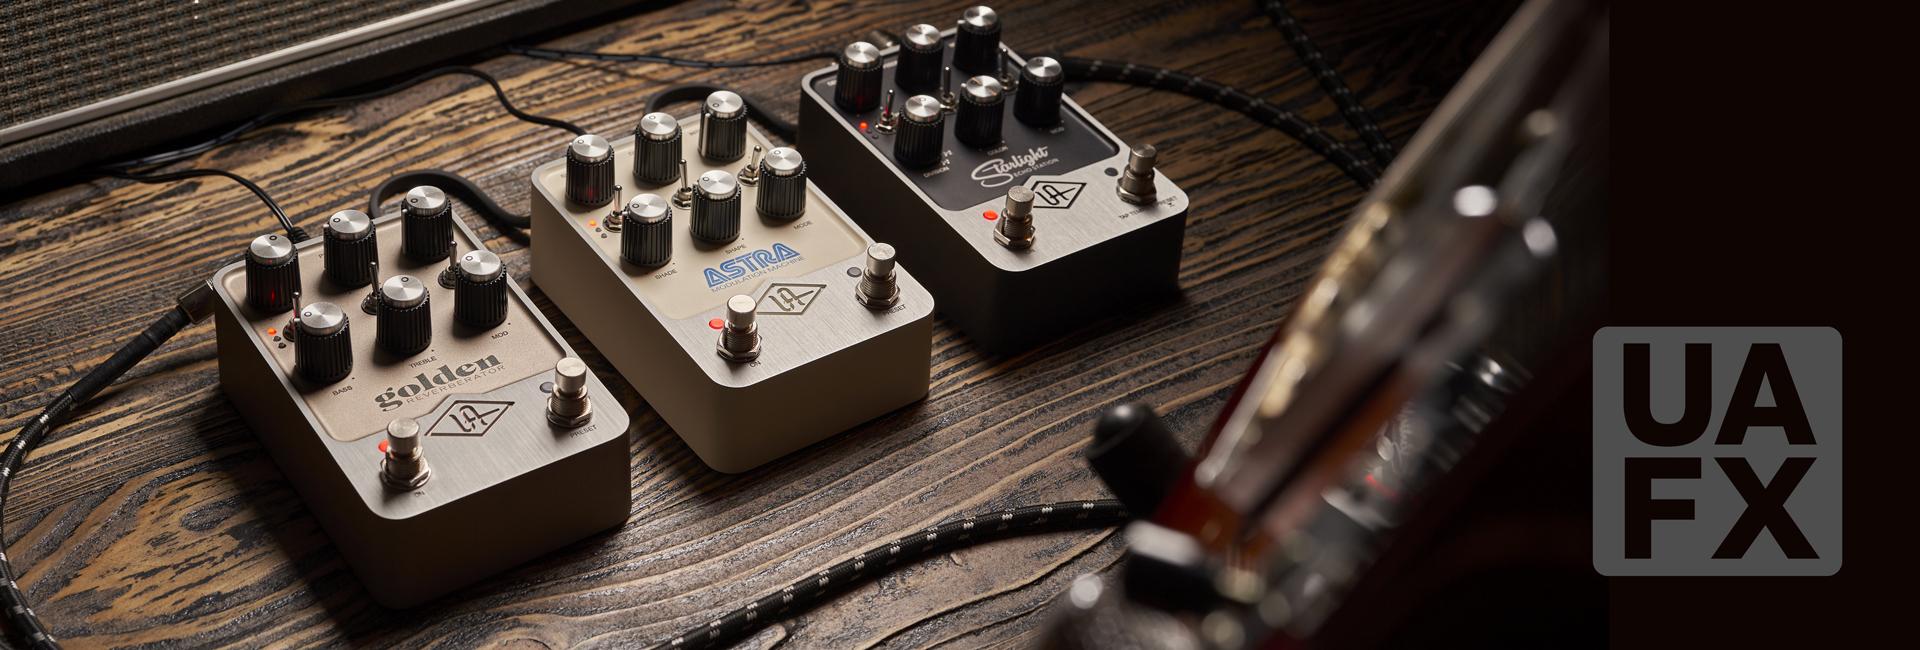 Nowe efekty gitarowe UAFX z Universal Audio